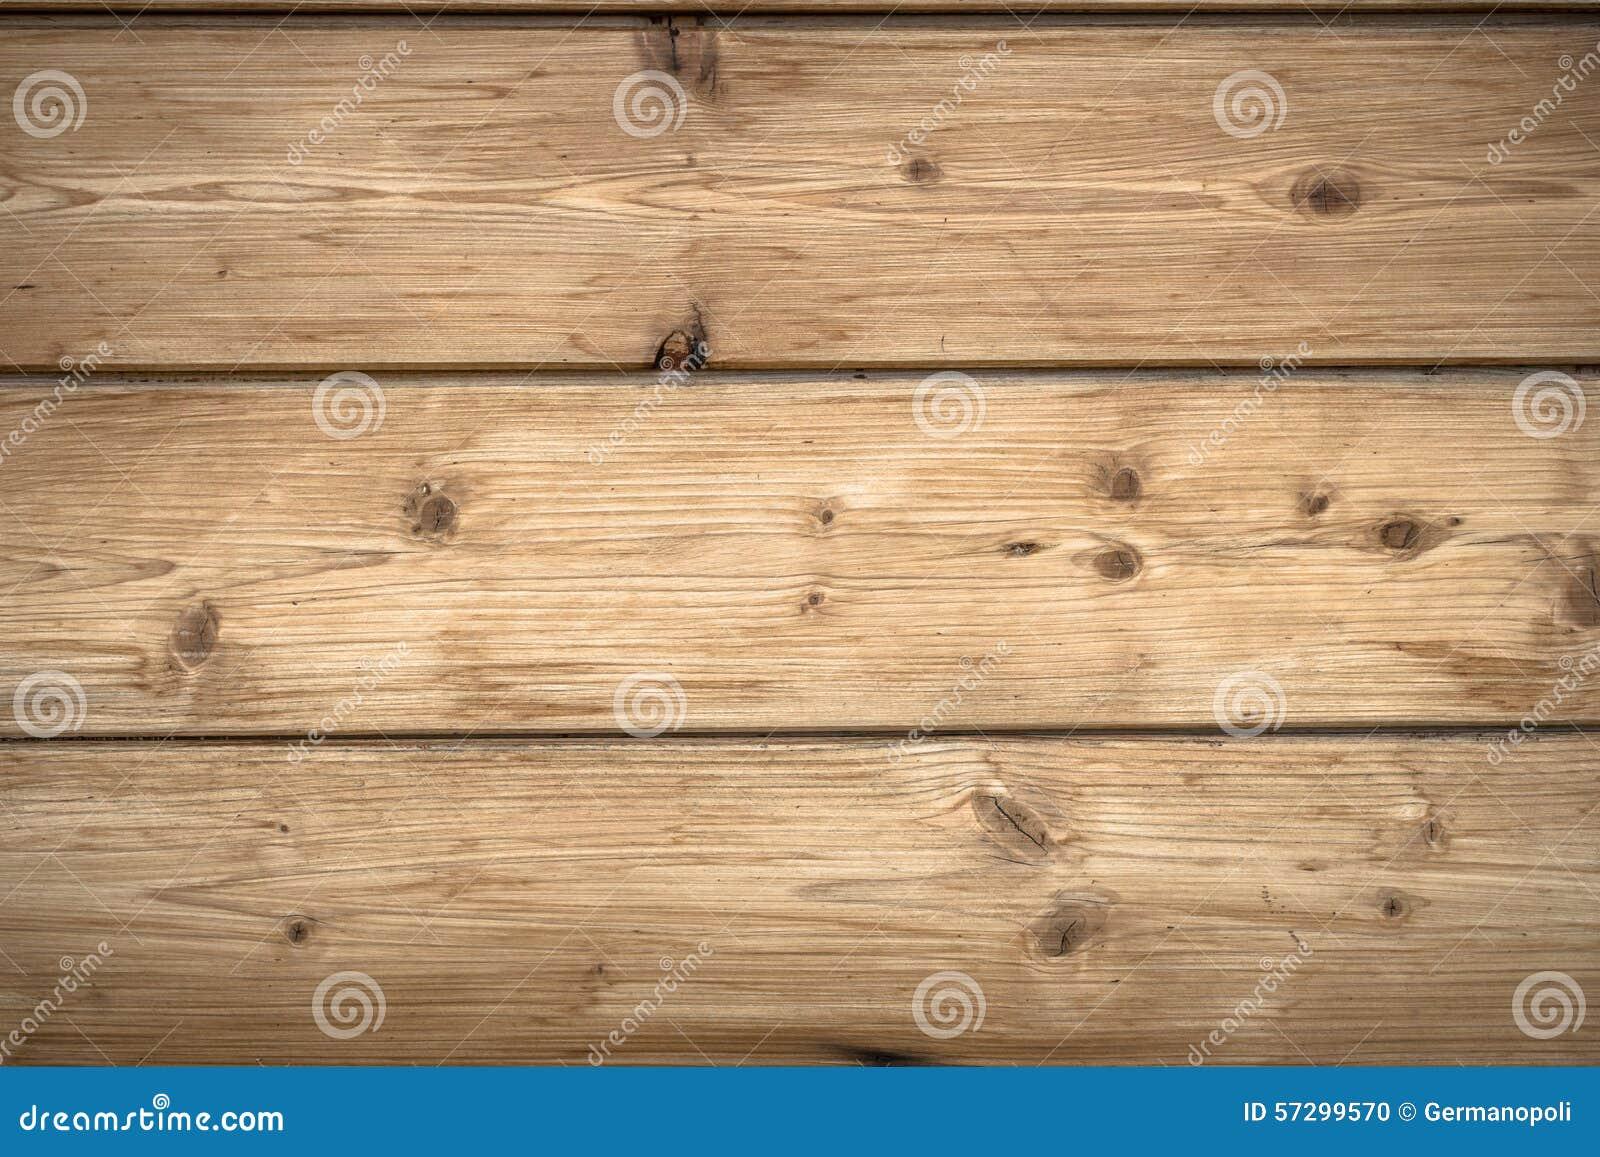 papier peint en bois photo stock image 57299570. Black Bedroom Furniture Sets. Home Design Ideas